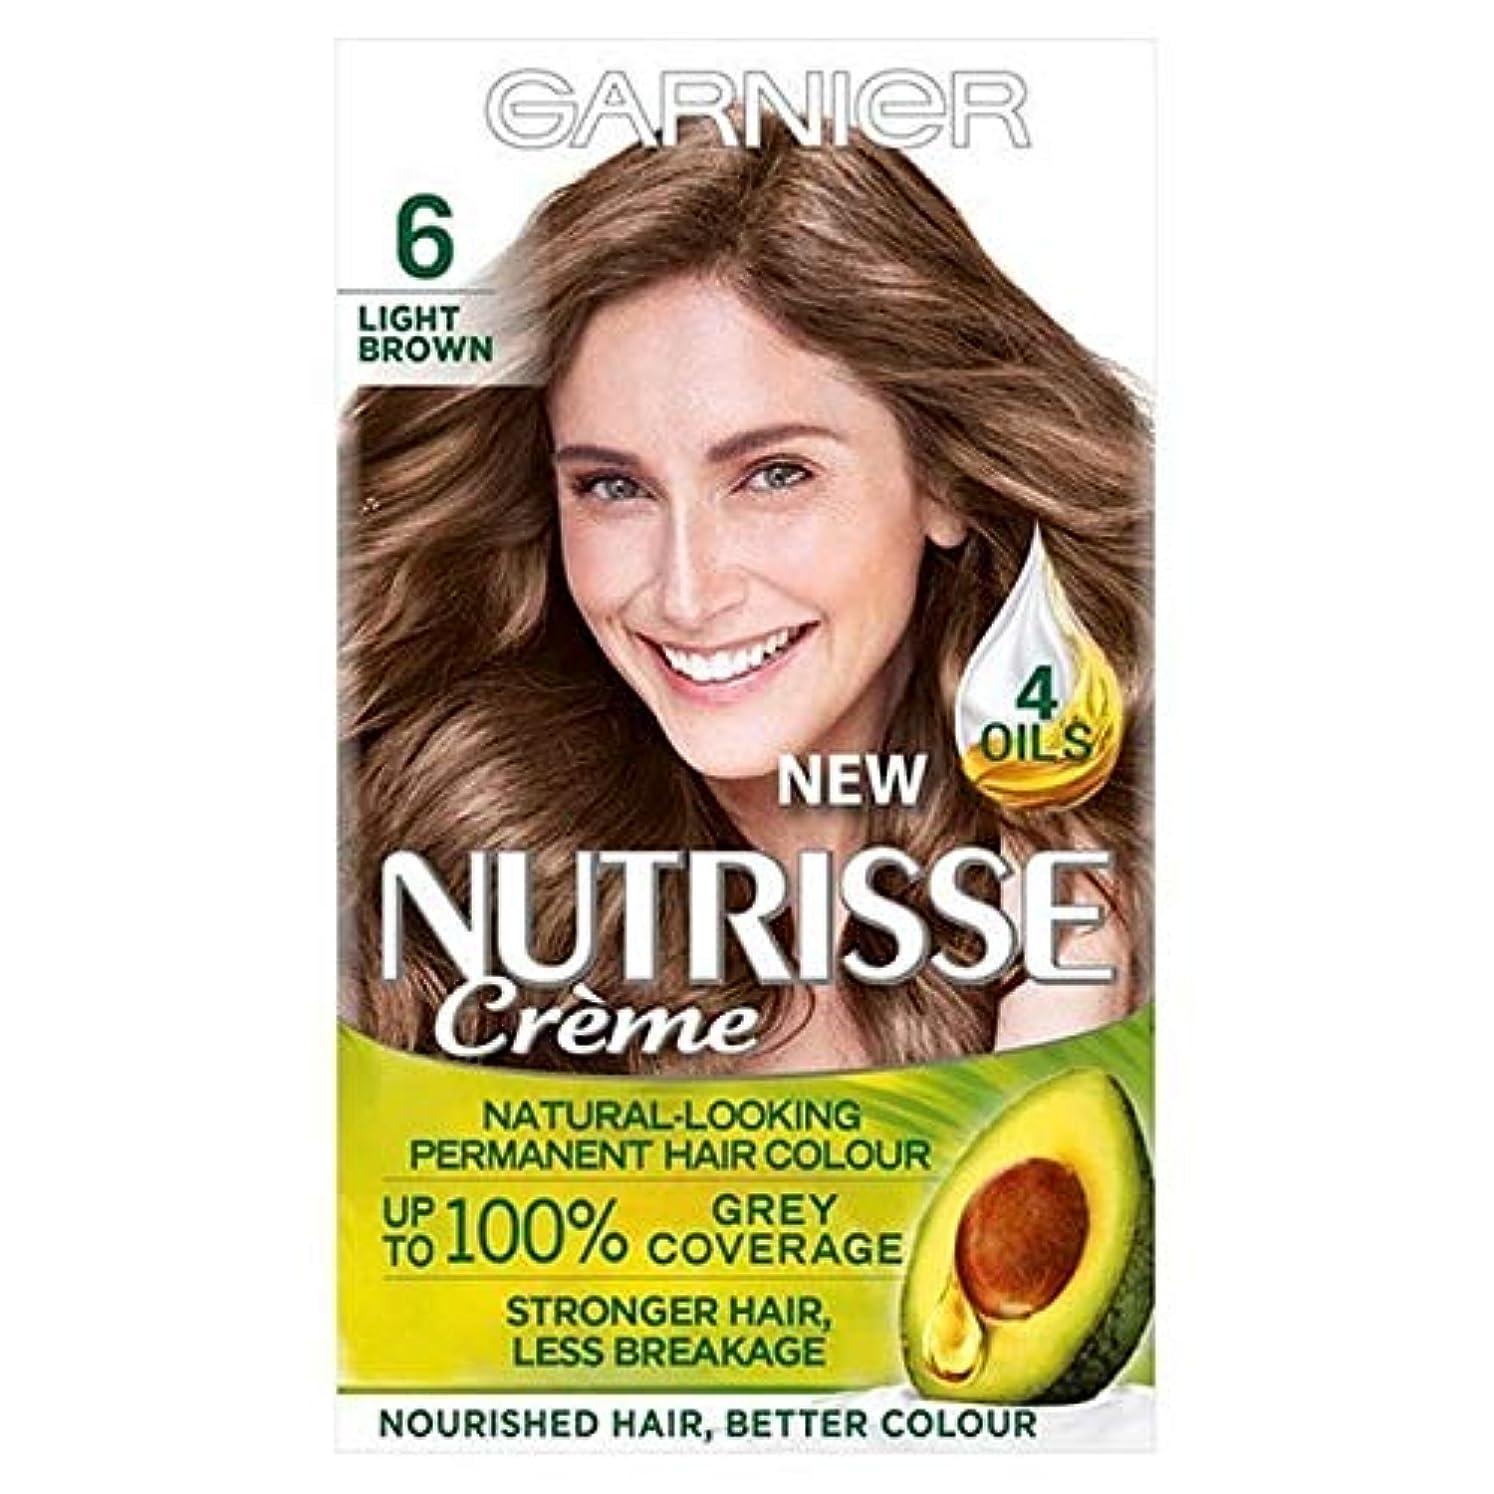 恩恵スローゴールデン[Garnier ] ガルニエNutrisse永久的な毛髪染料ライトブラウン6 - Garnier Nutrisse Permanent Hair Dye Light Brown 6 [並行輸入品]